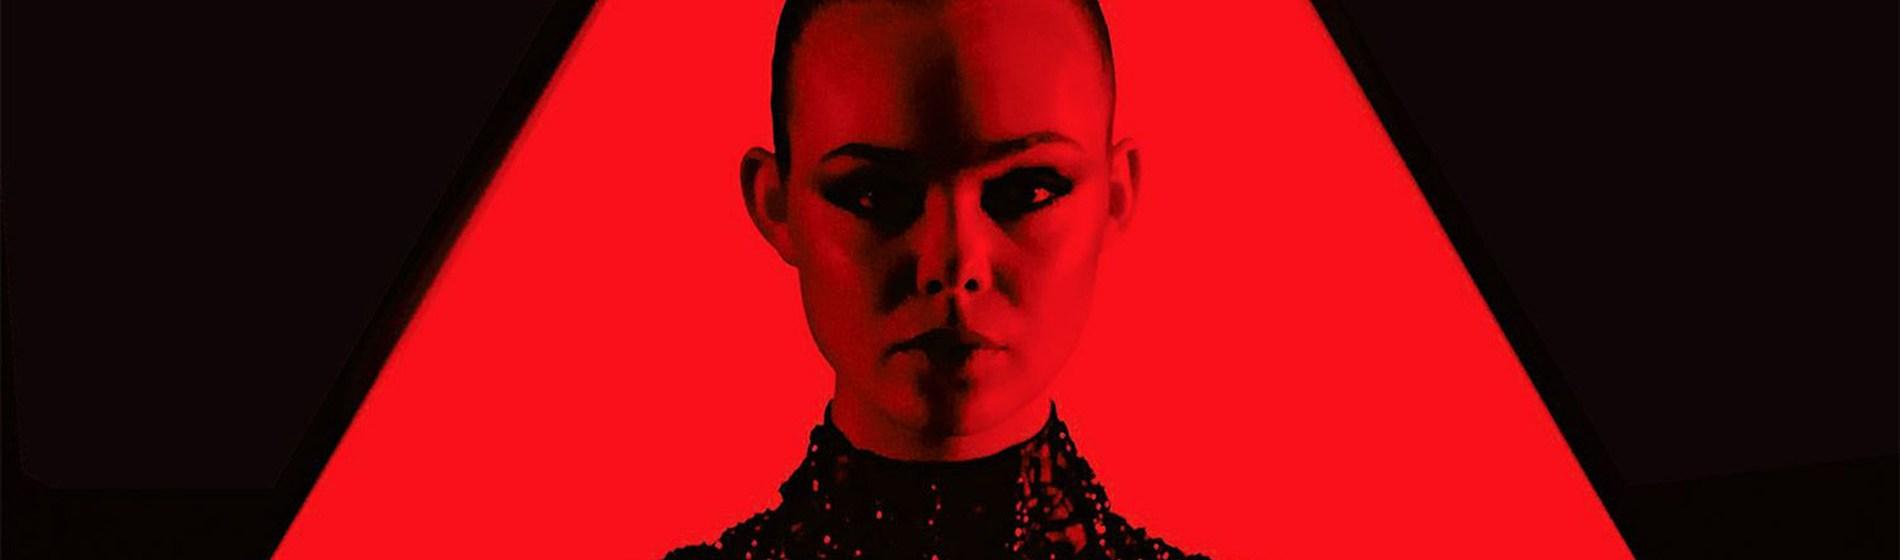 فیلم The Neon Demon شیطان نئونی